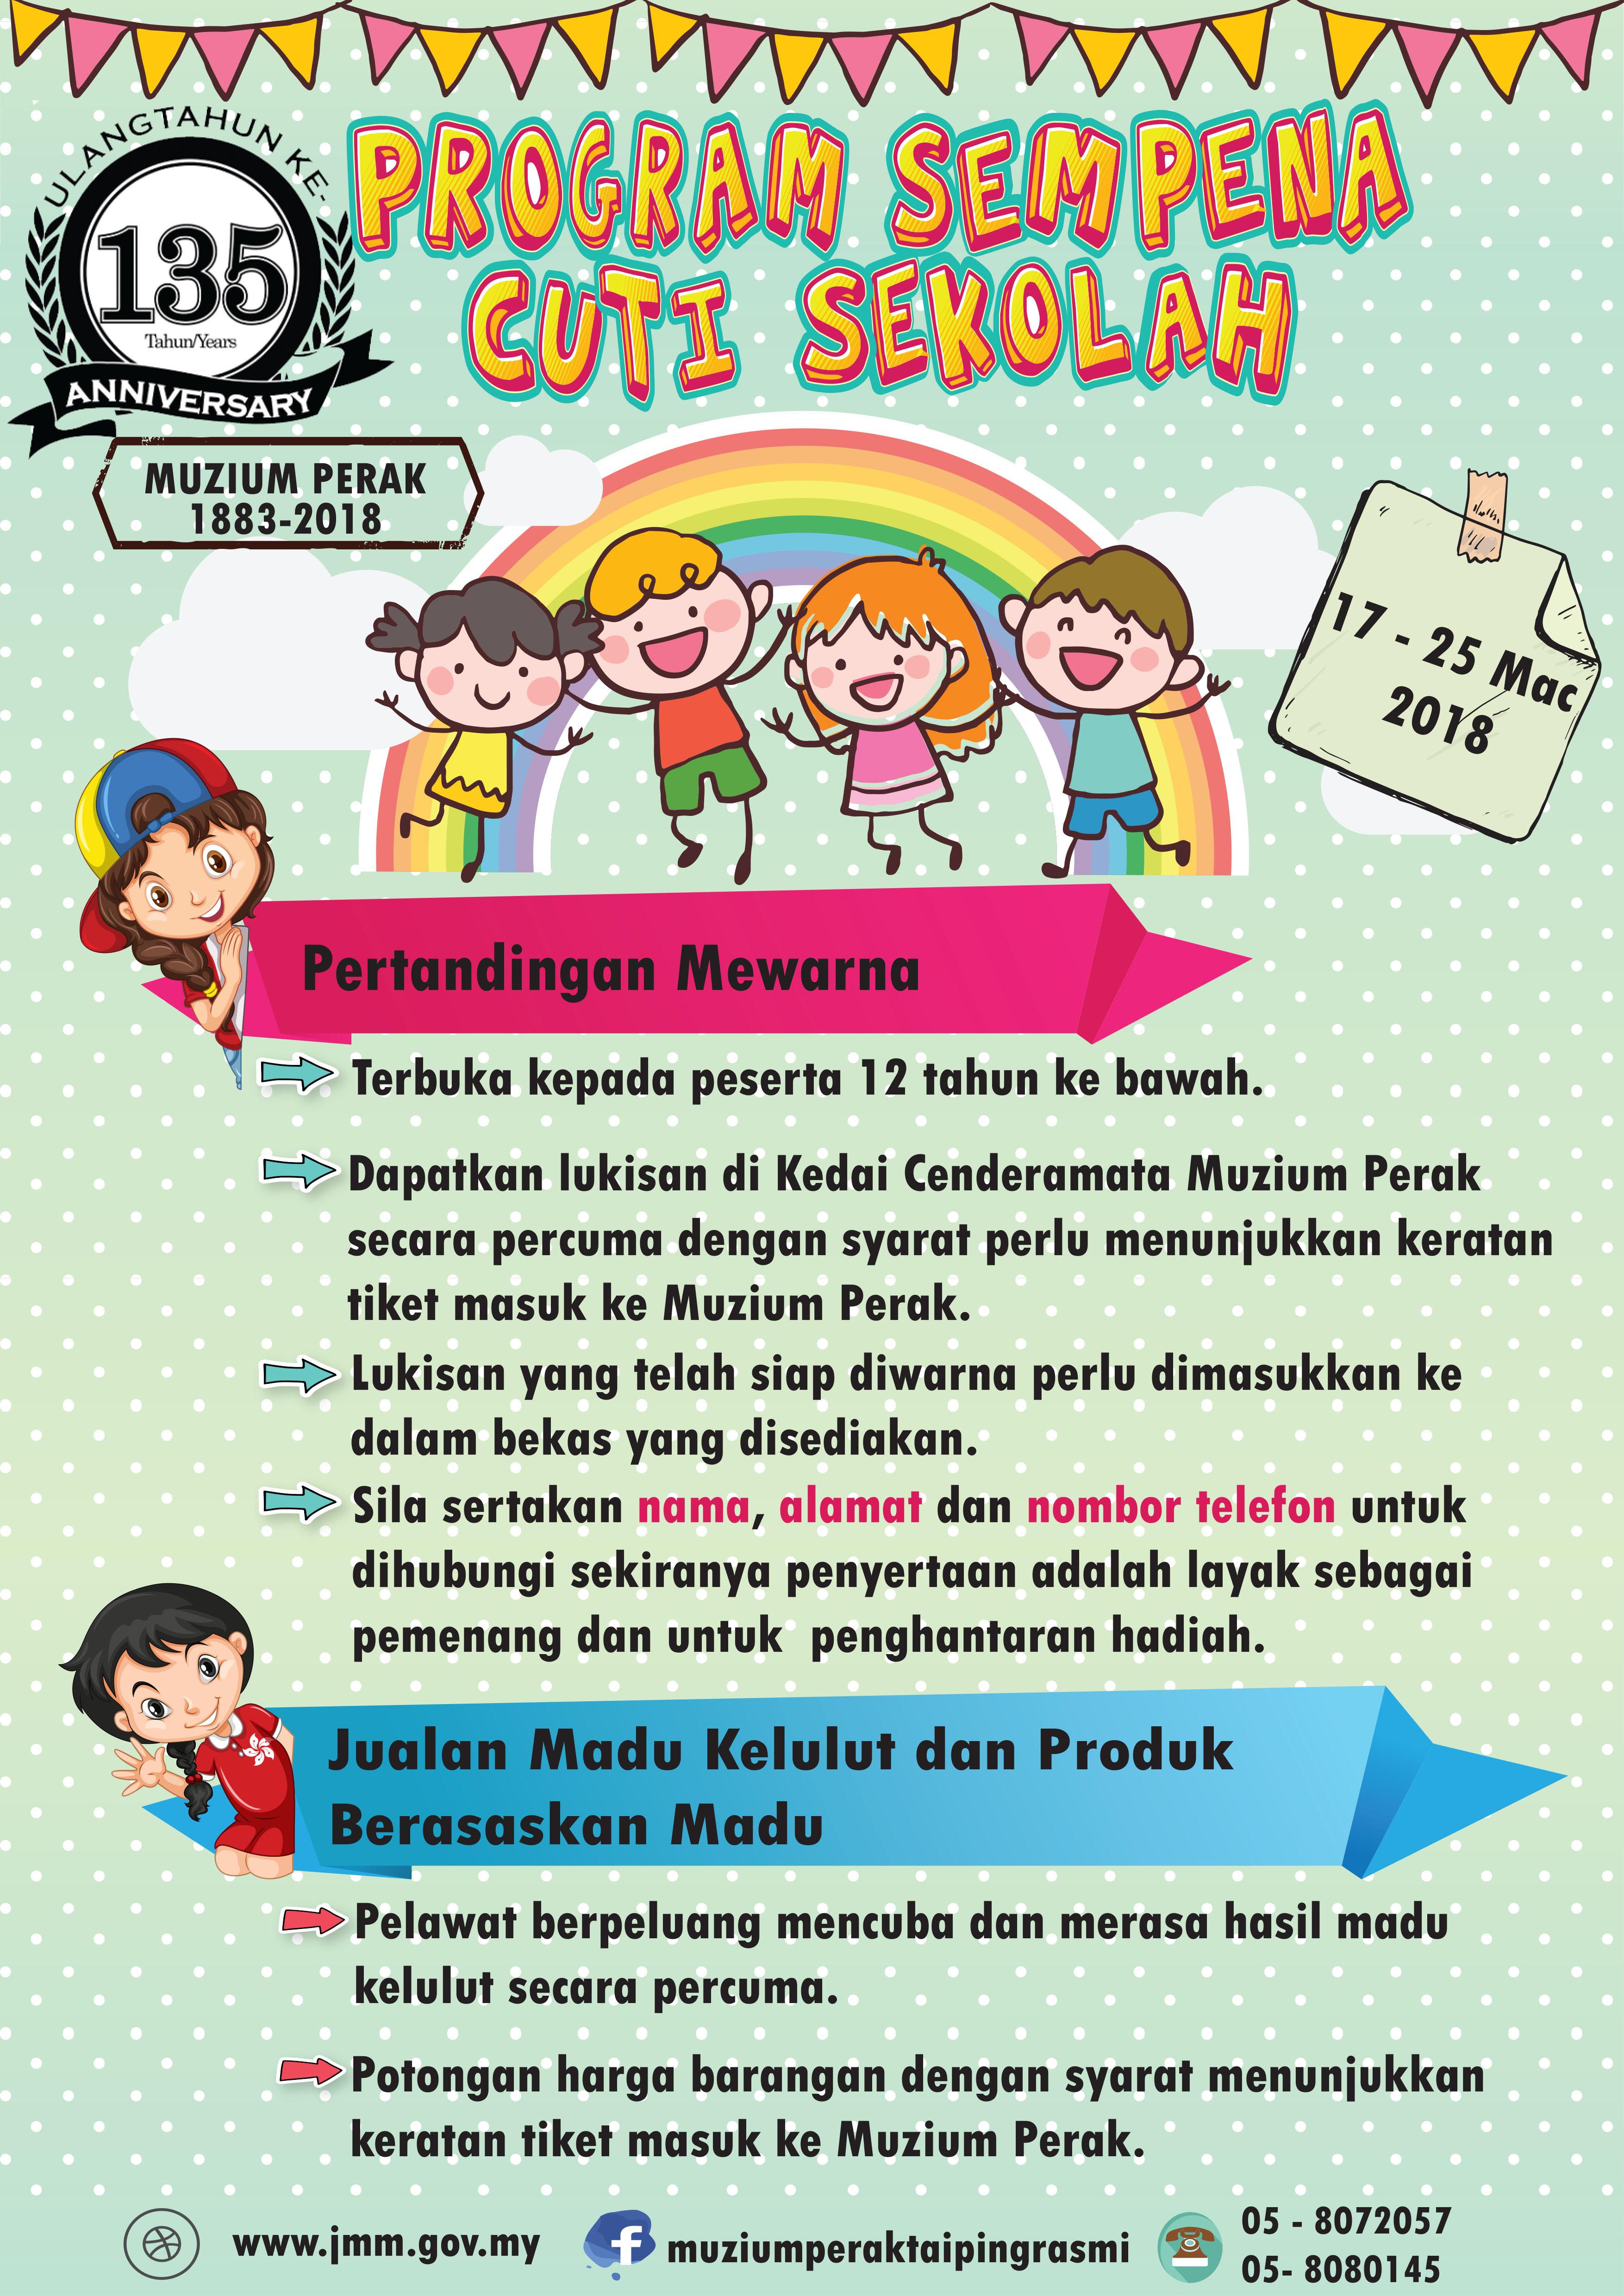 Program Cuti Sekolah Kembali Lagi Perbadanan Perpustakaan Awam Negeri Perak Facebook